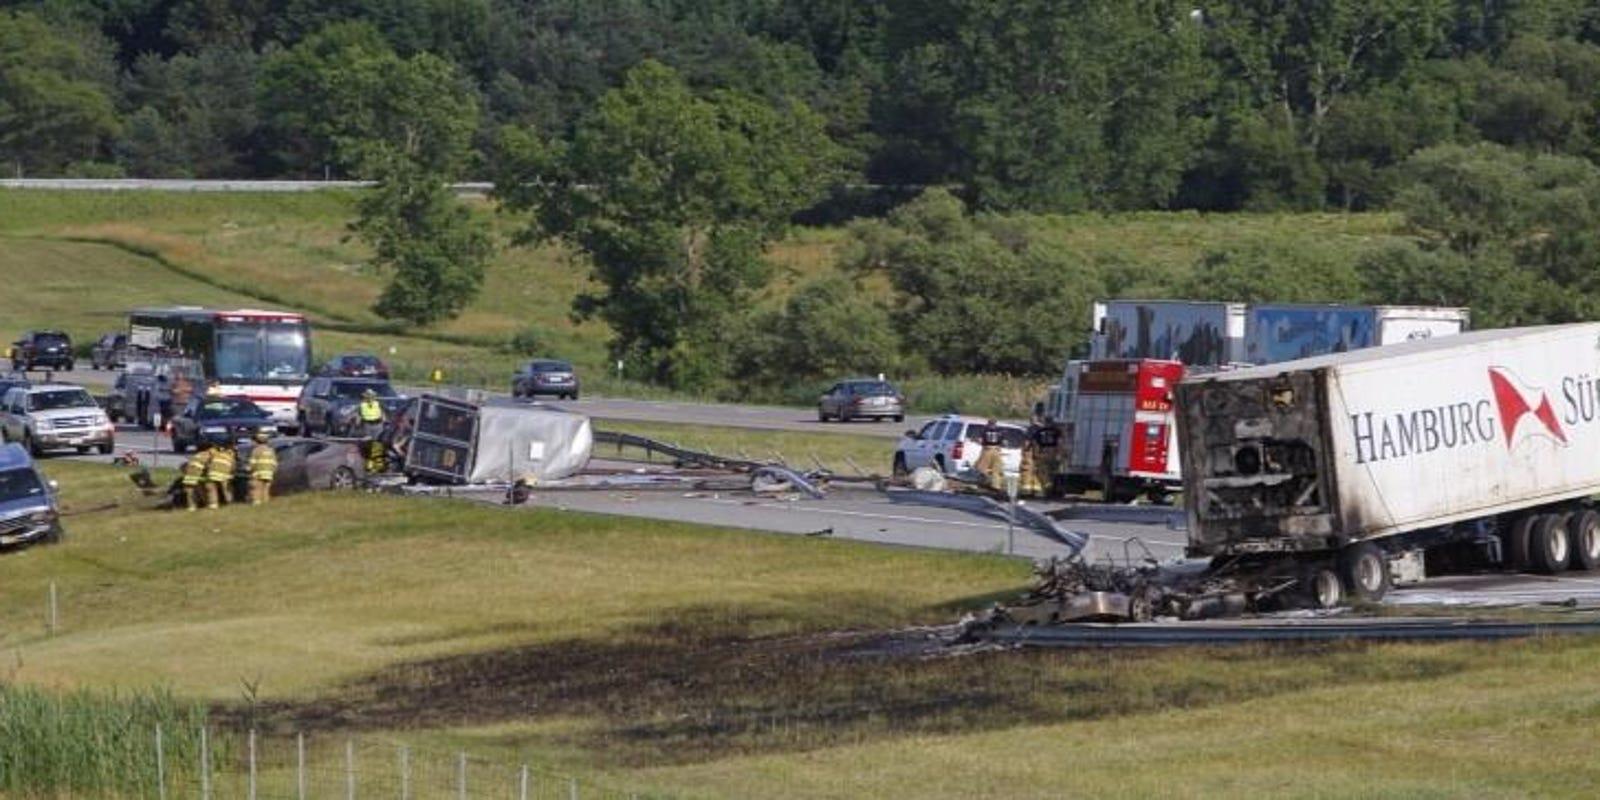 2 confirmed dead in Thruway crash